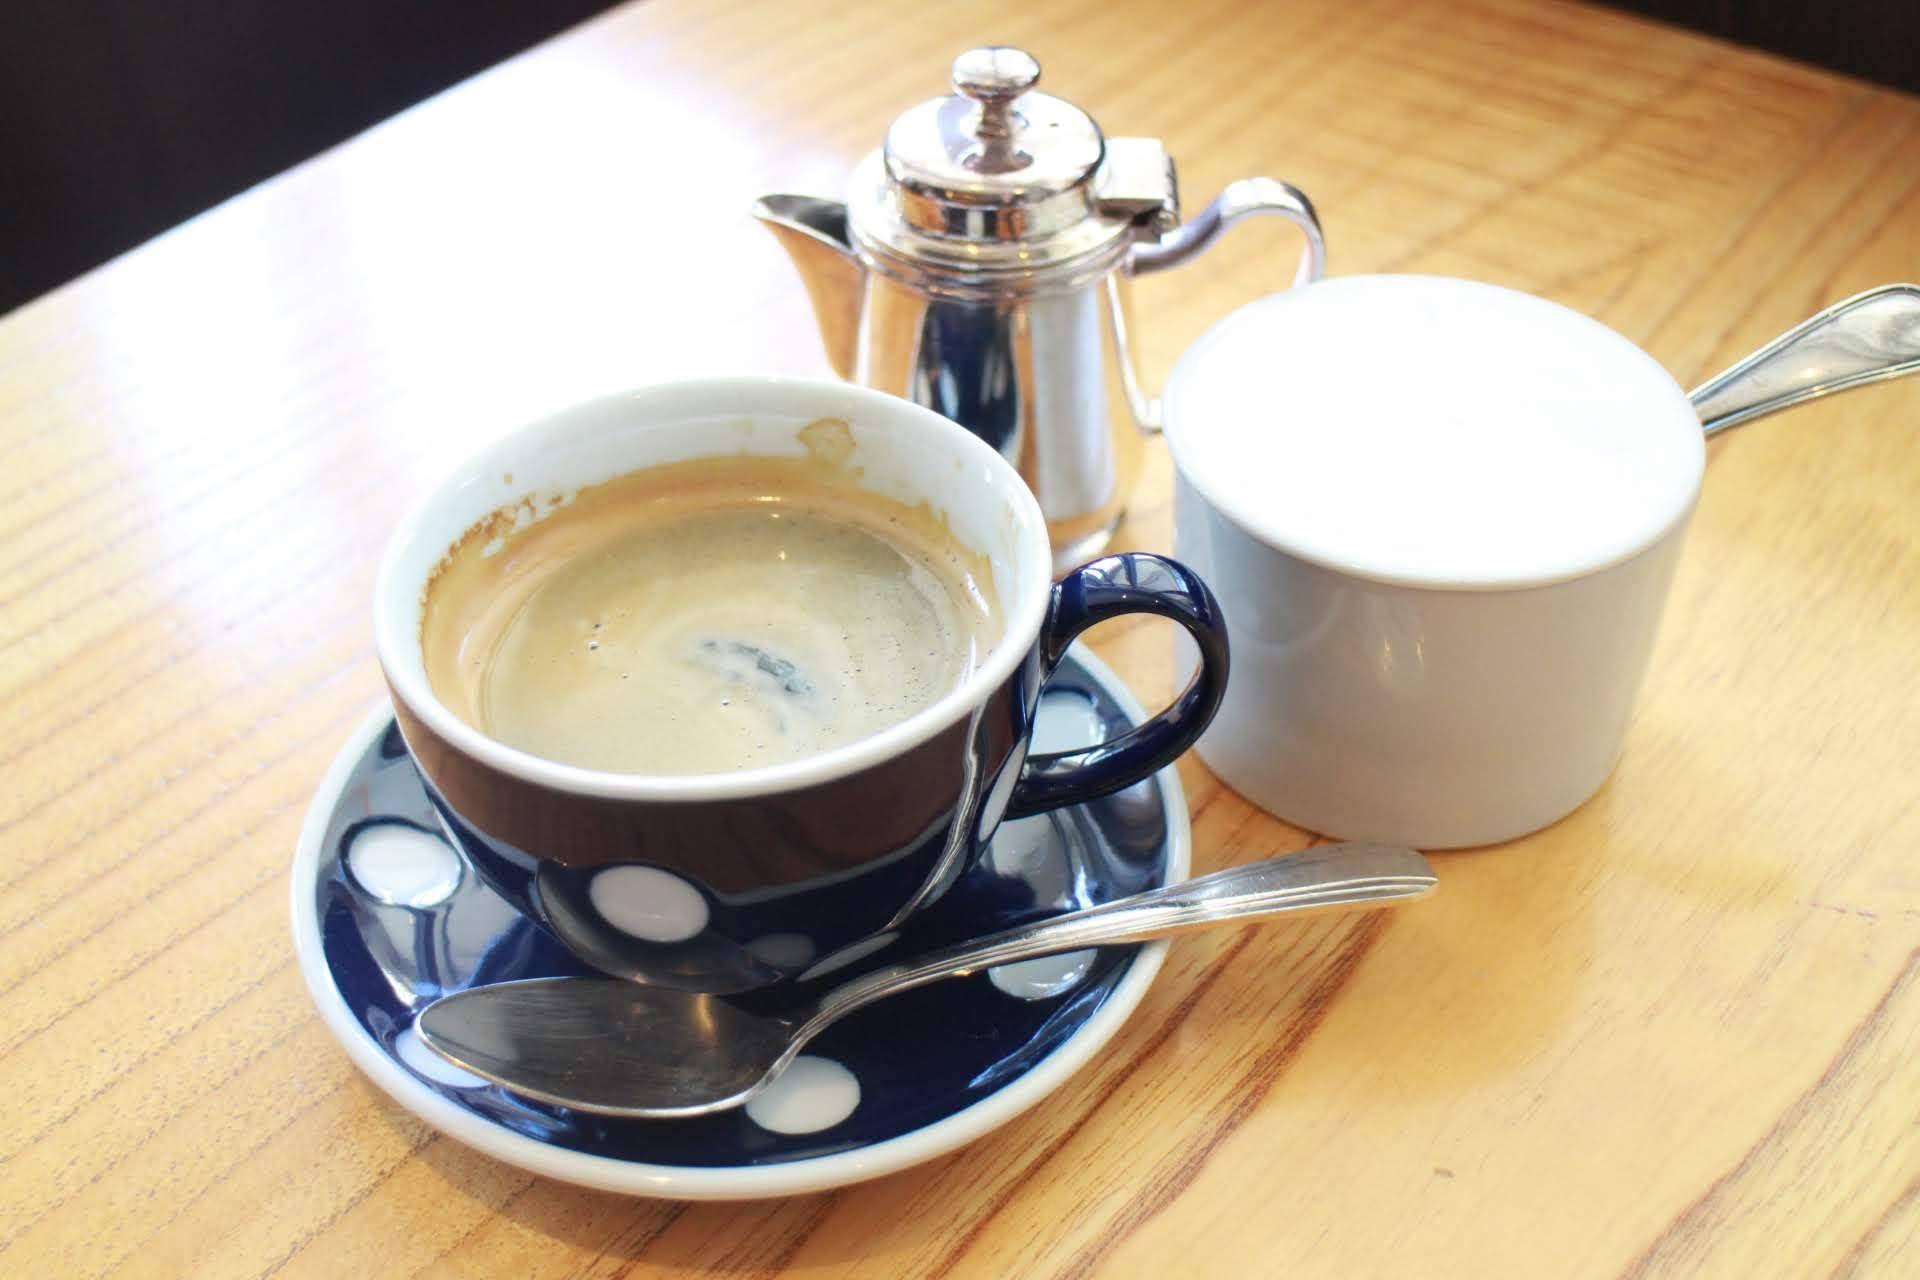 ドリンクはホットコーヒー、アイスコーヒー、紅茶、アイスティー、ウーロン茶、オレンジジュース、アップルジュース、グレープフルーツジュースの中から選べます。